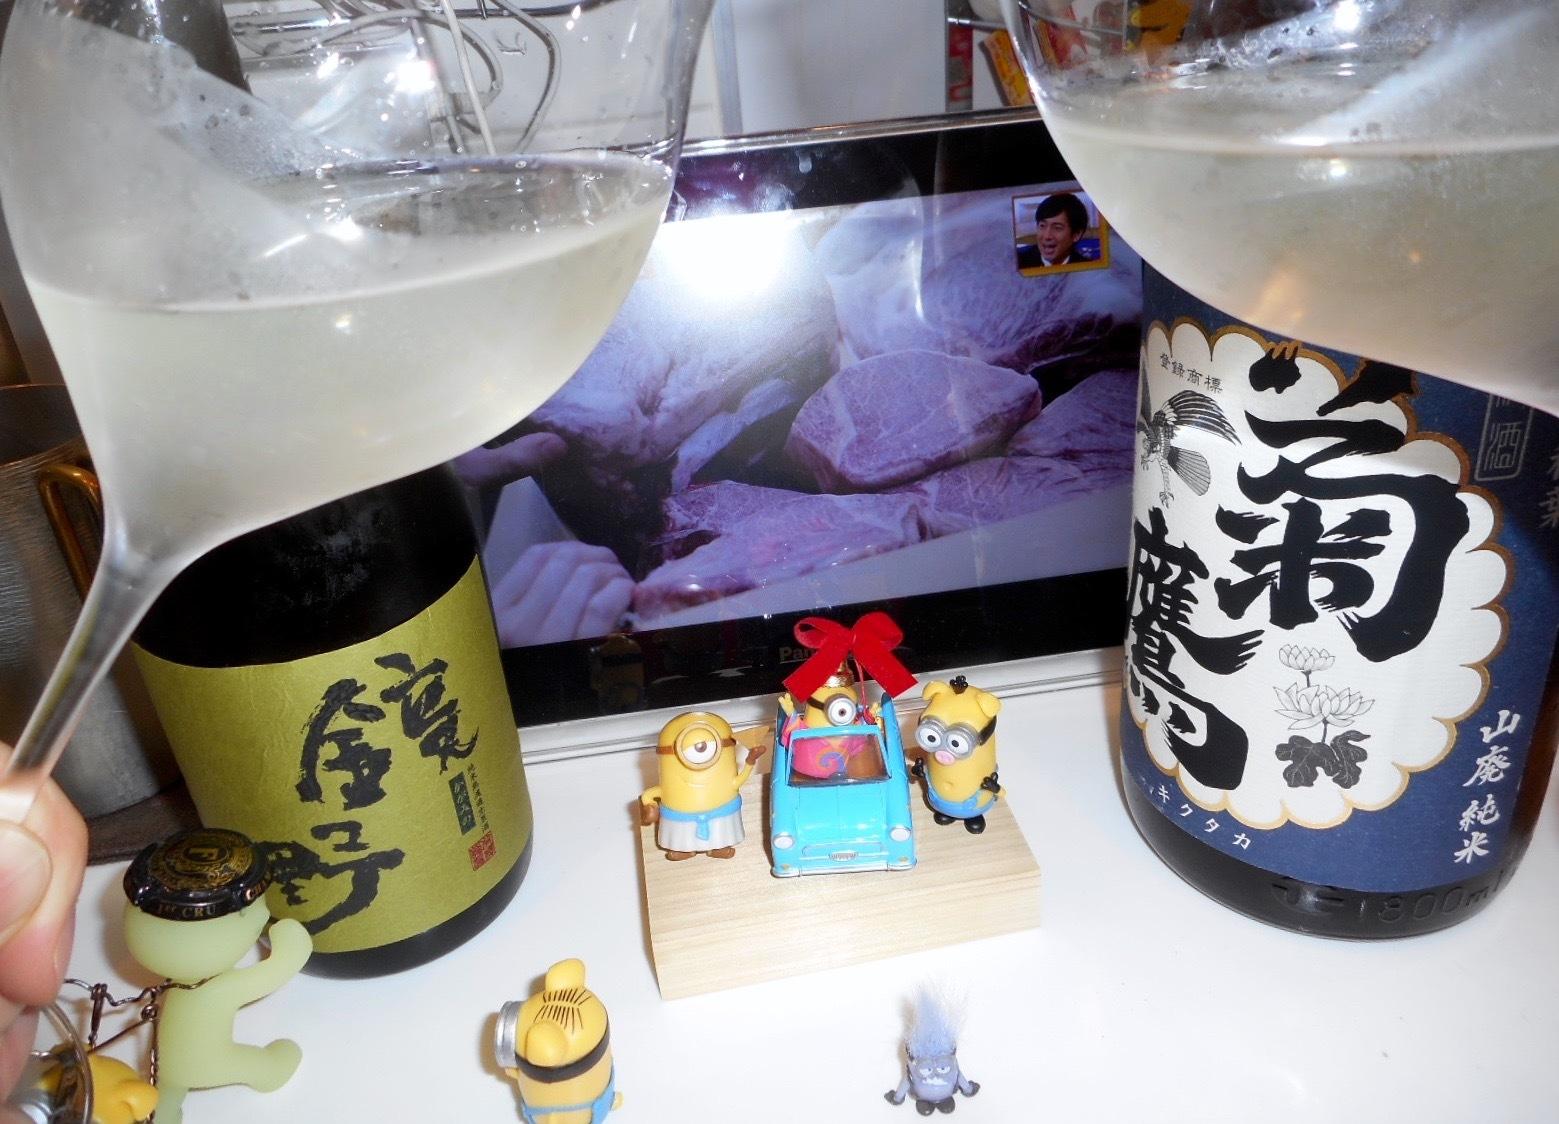 kikutaka_shifuku_nama28by6.jpg